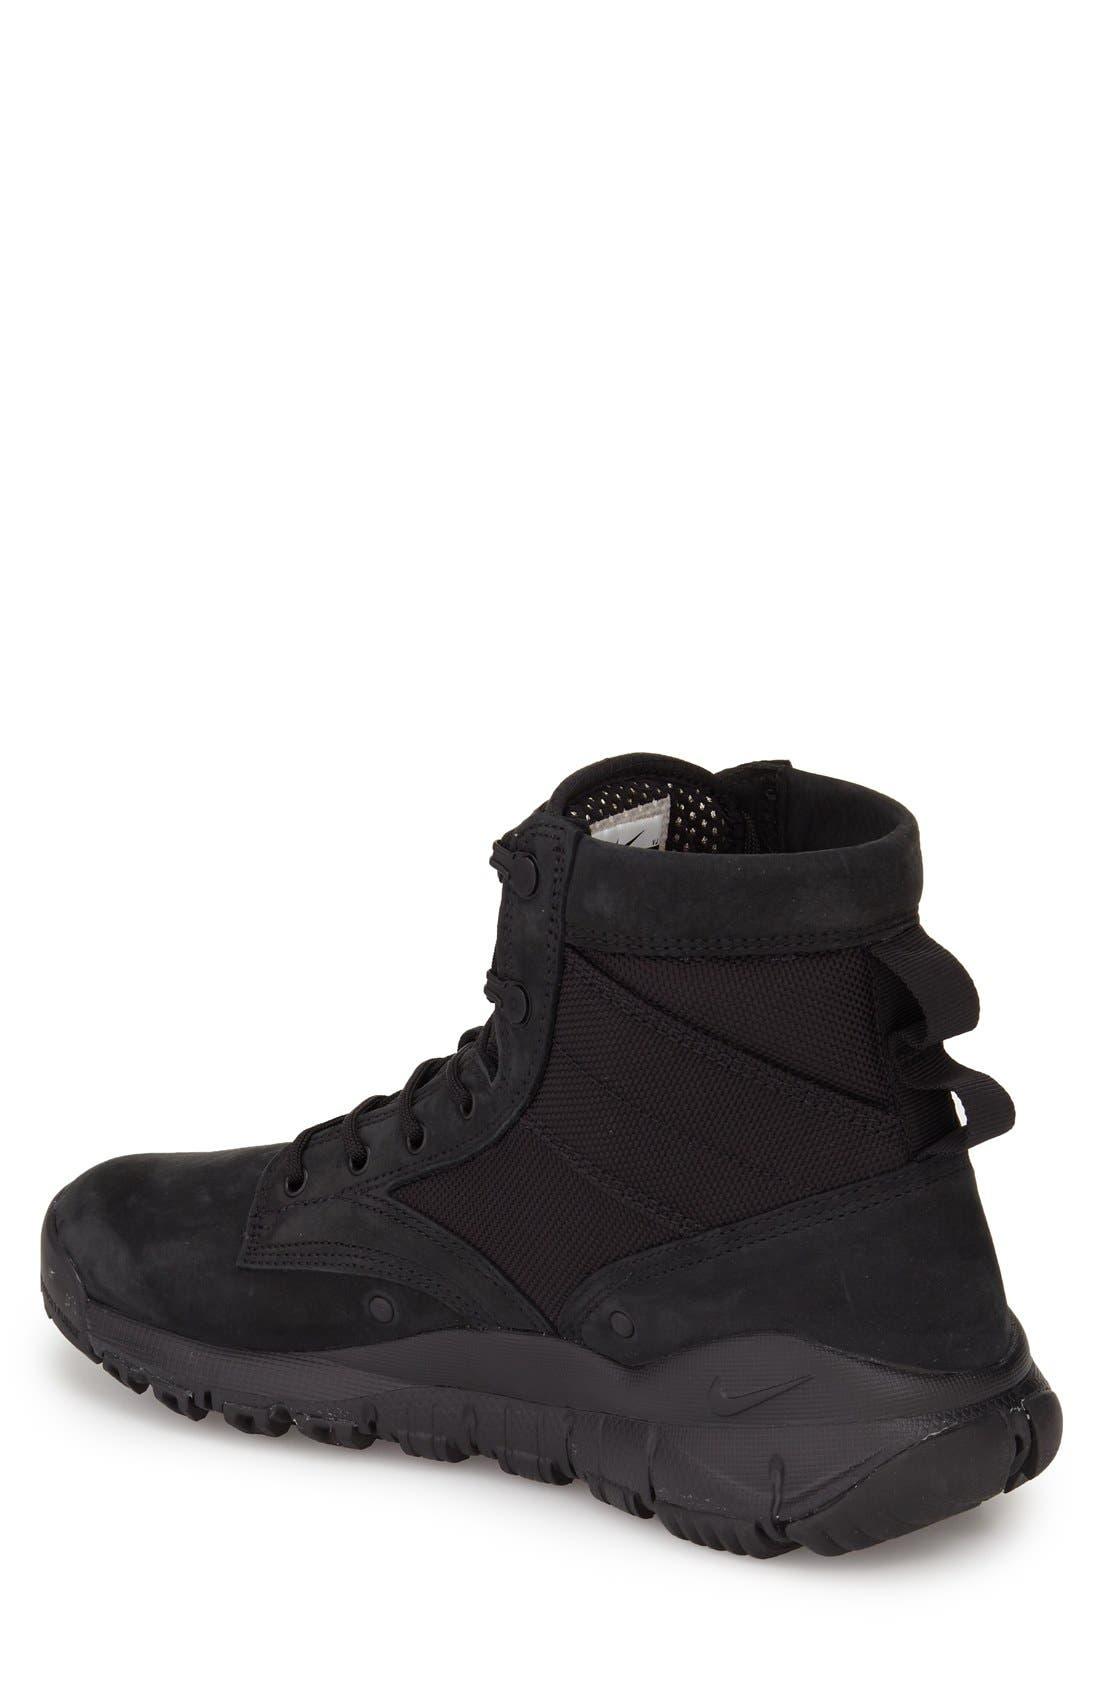 'SFB' Plain Toe Boot,                             Alternate thumbnail 2, color,                             001